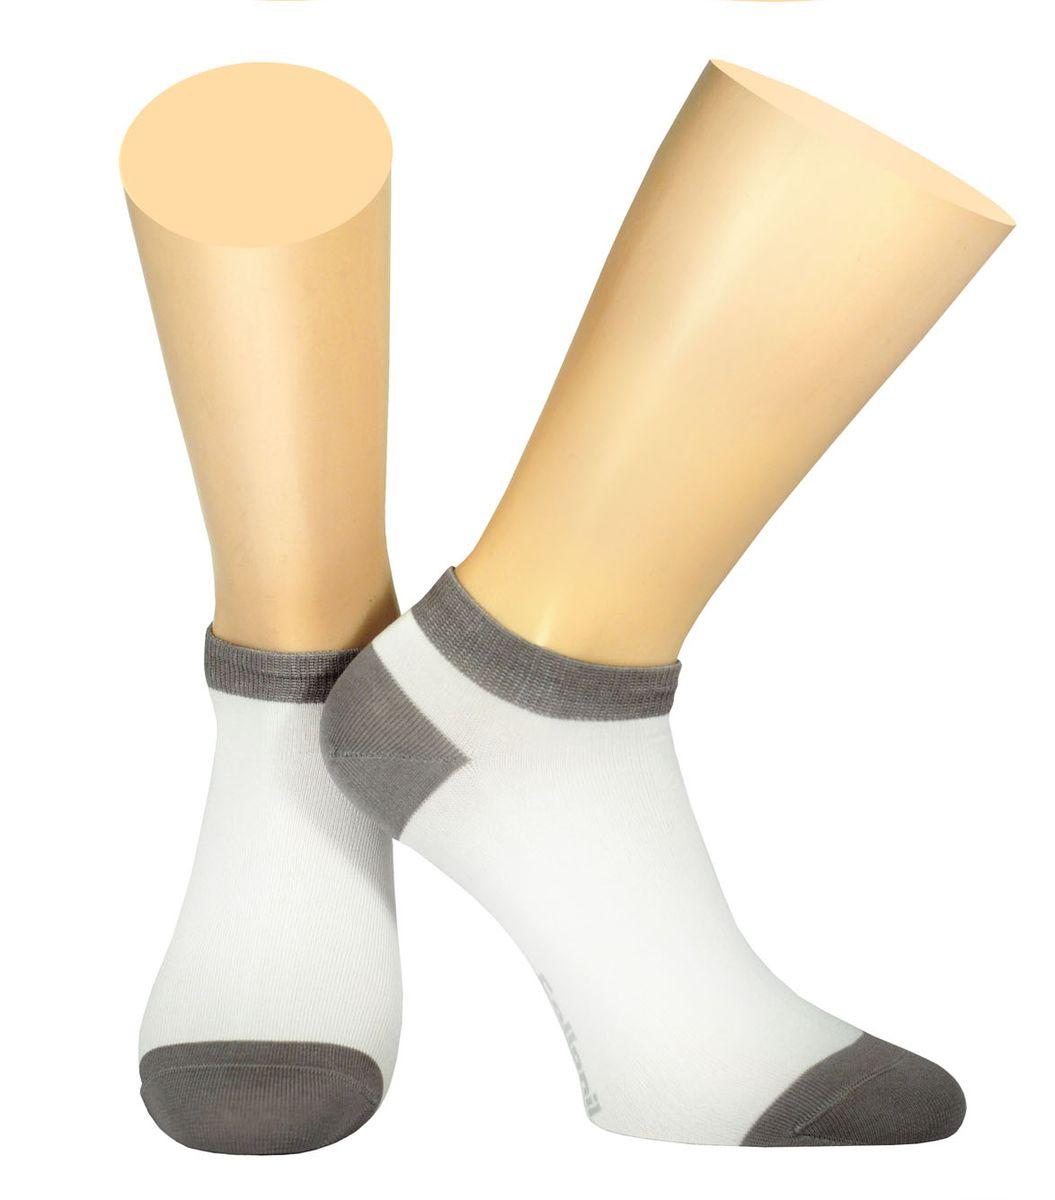 Носки2-18/01Мужские носки Collonil изготовлены из эластичного мерсеризованного хлопка с добавлением полиамида. Носки с укороченным паголенком. Широкая резинка не сдавливает и комфортно облегает ногу.